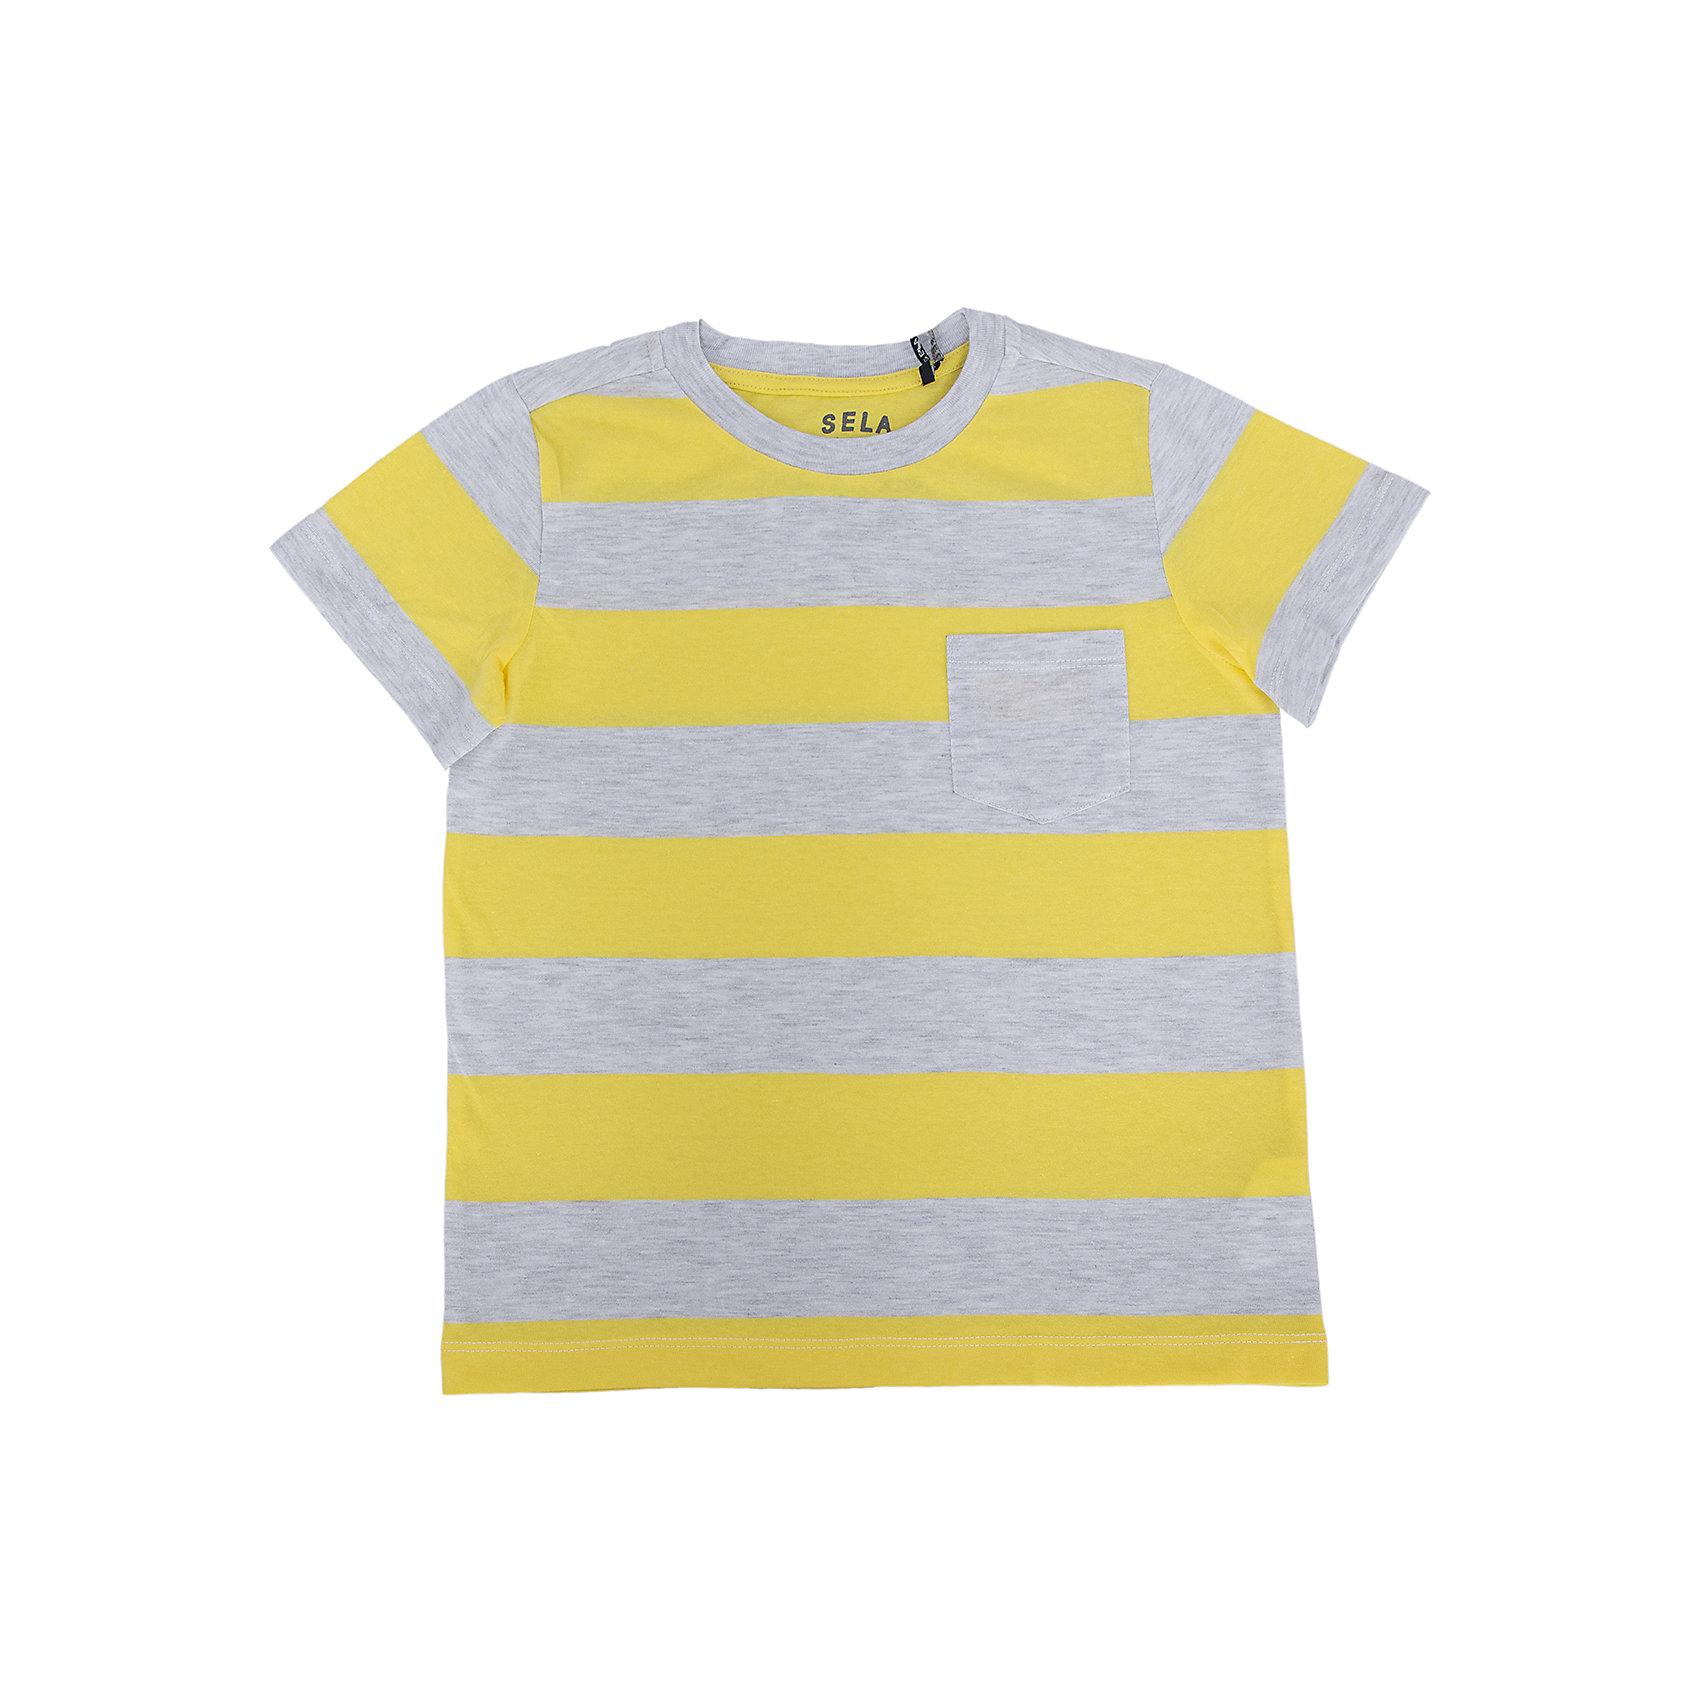 Футболка для мальчика SELAСтильная футболка от известной марки SELА поможет разнообразить летний гардероб мальчика, создать легкий подходящий погоде ансамбль. Удобный крой и качественный материал обеспечат ребенку комфорт при ношении этой вещи. <br>На горловине изделия - мягкая окантовка. Материал содержит  натуральный хлопок, дышащий и гипоаллергенный. <br><br>Дополнительная информация:<br><br>материал: 60% хлопок, 40% ПЭ;<br>цвет: желтый;<br>короткие рукава;<br>круглый горловой вырез;<br>уход за изделием: стирка в машине при температуре до 30°С, не отбеливать, гладить при низкой температуре.<br><br>Футболку от бренда SELА (Села) можно купить в нашем магазине.<br><br>Ширина мм: 230<br>Глубина мм: 40<br>Высота мм: 220<br>Вес г: 250<br>Цвет: желтый<br>Возраст от месяцев: 132<br>Возраст до месяцев: 144<br>Пол: Мужской<br>Возраст: Детский<br>Размер: 152,116,122,128,134,140,146<br>SKU: 4741351